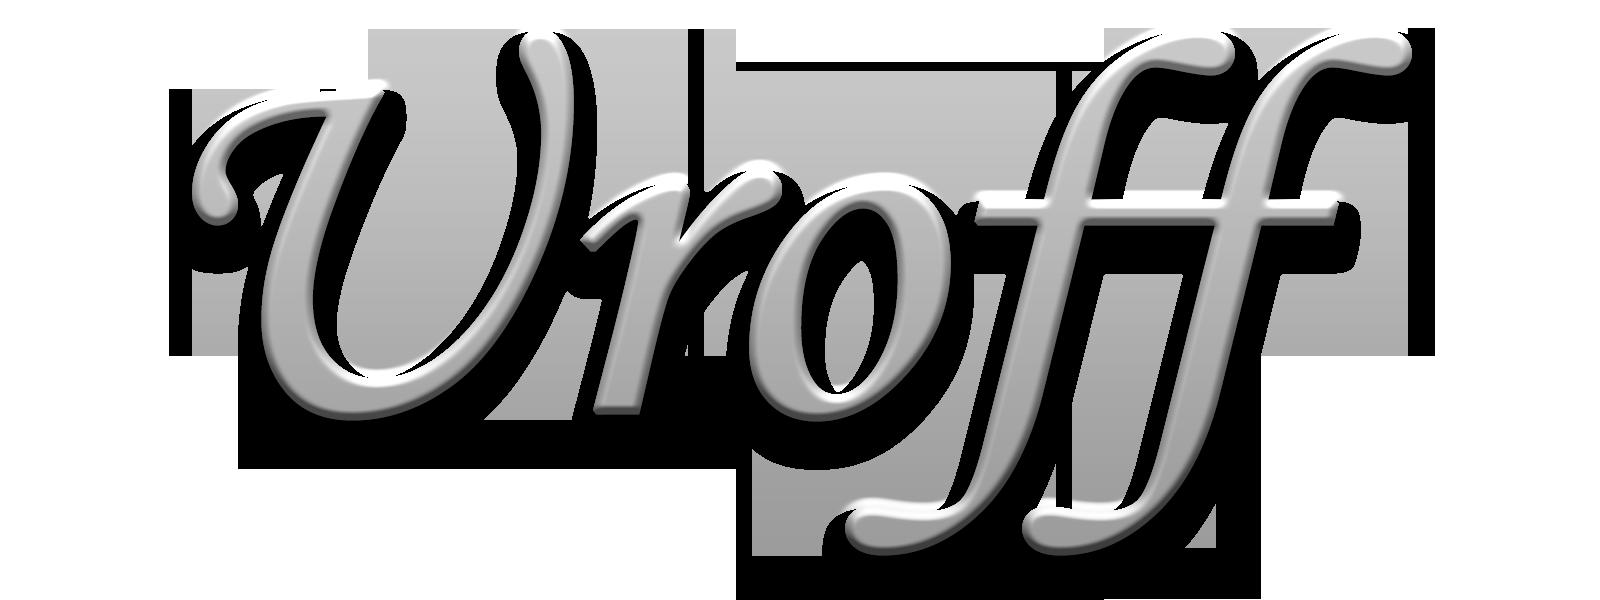 uroff.com